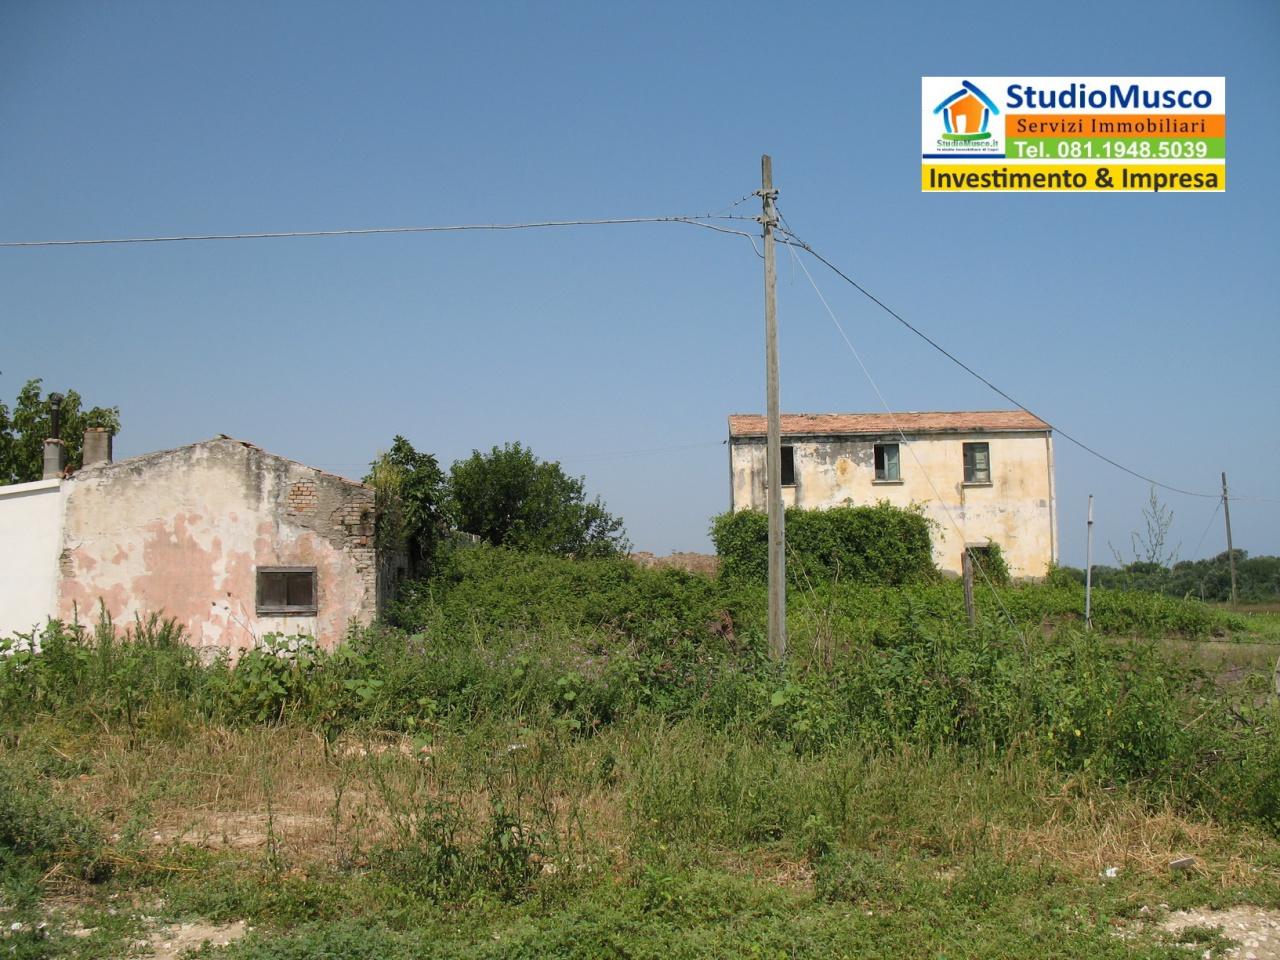 Terreno Agricolo in vendita a Campomarino, 9999 locali, Trattative riservate   CambioCasa.it